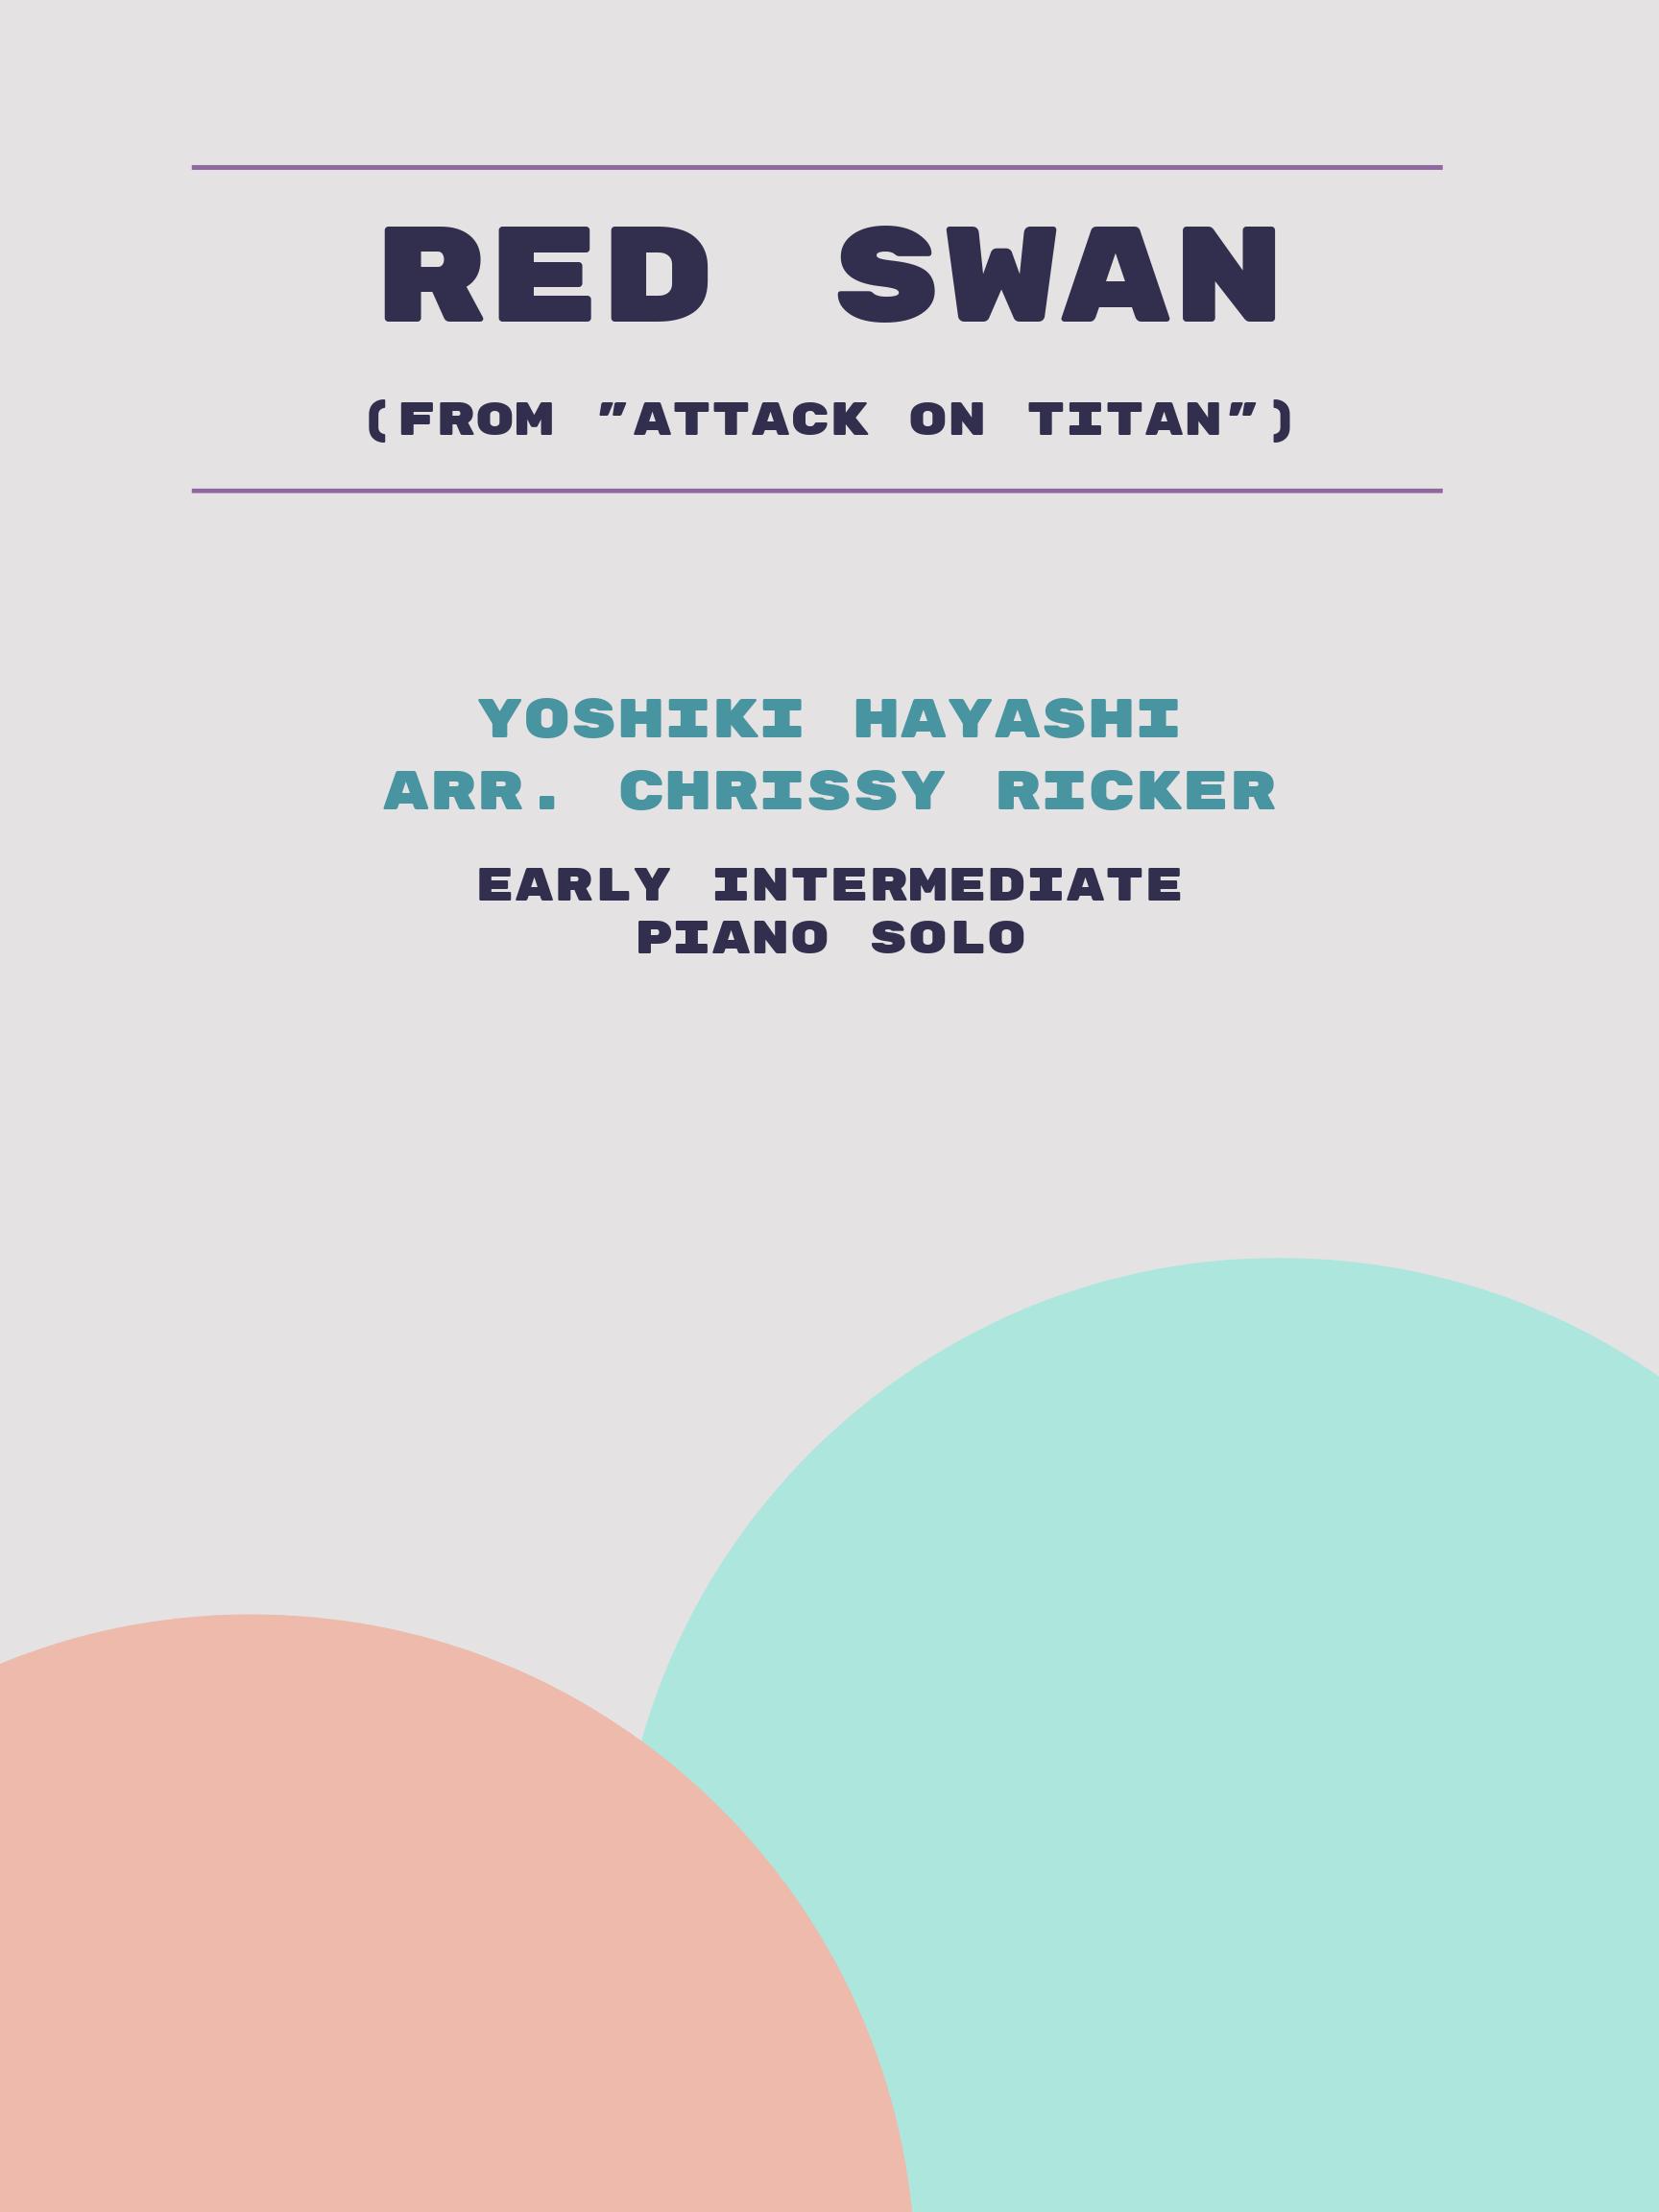 Red Swan by Yoshiki Hayashi